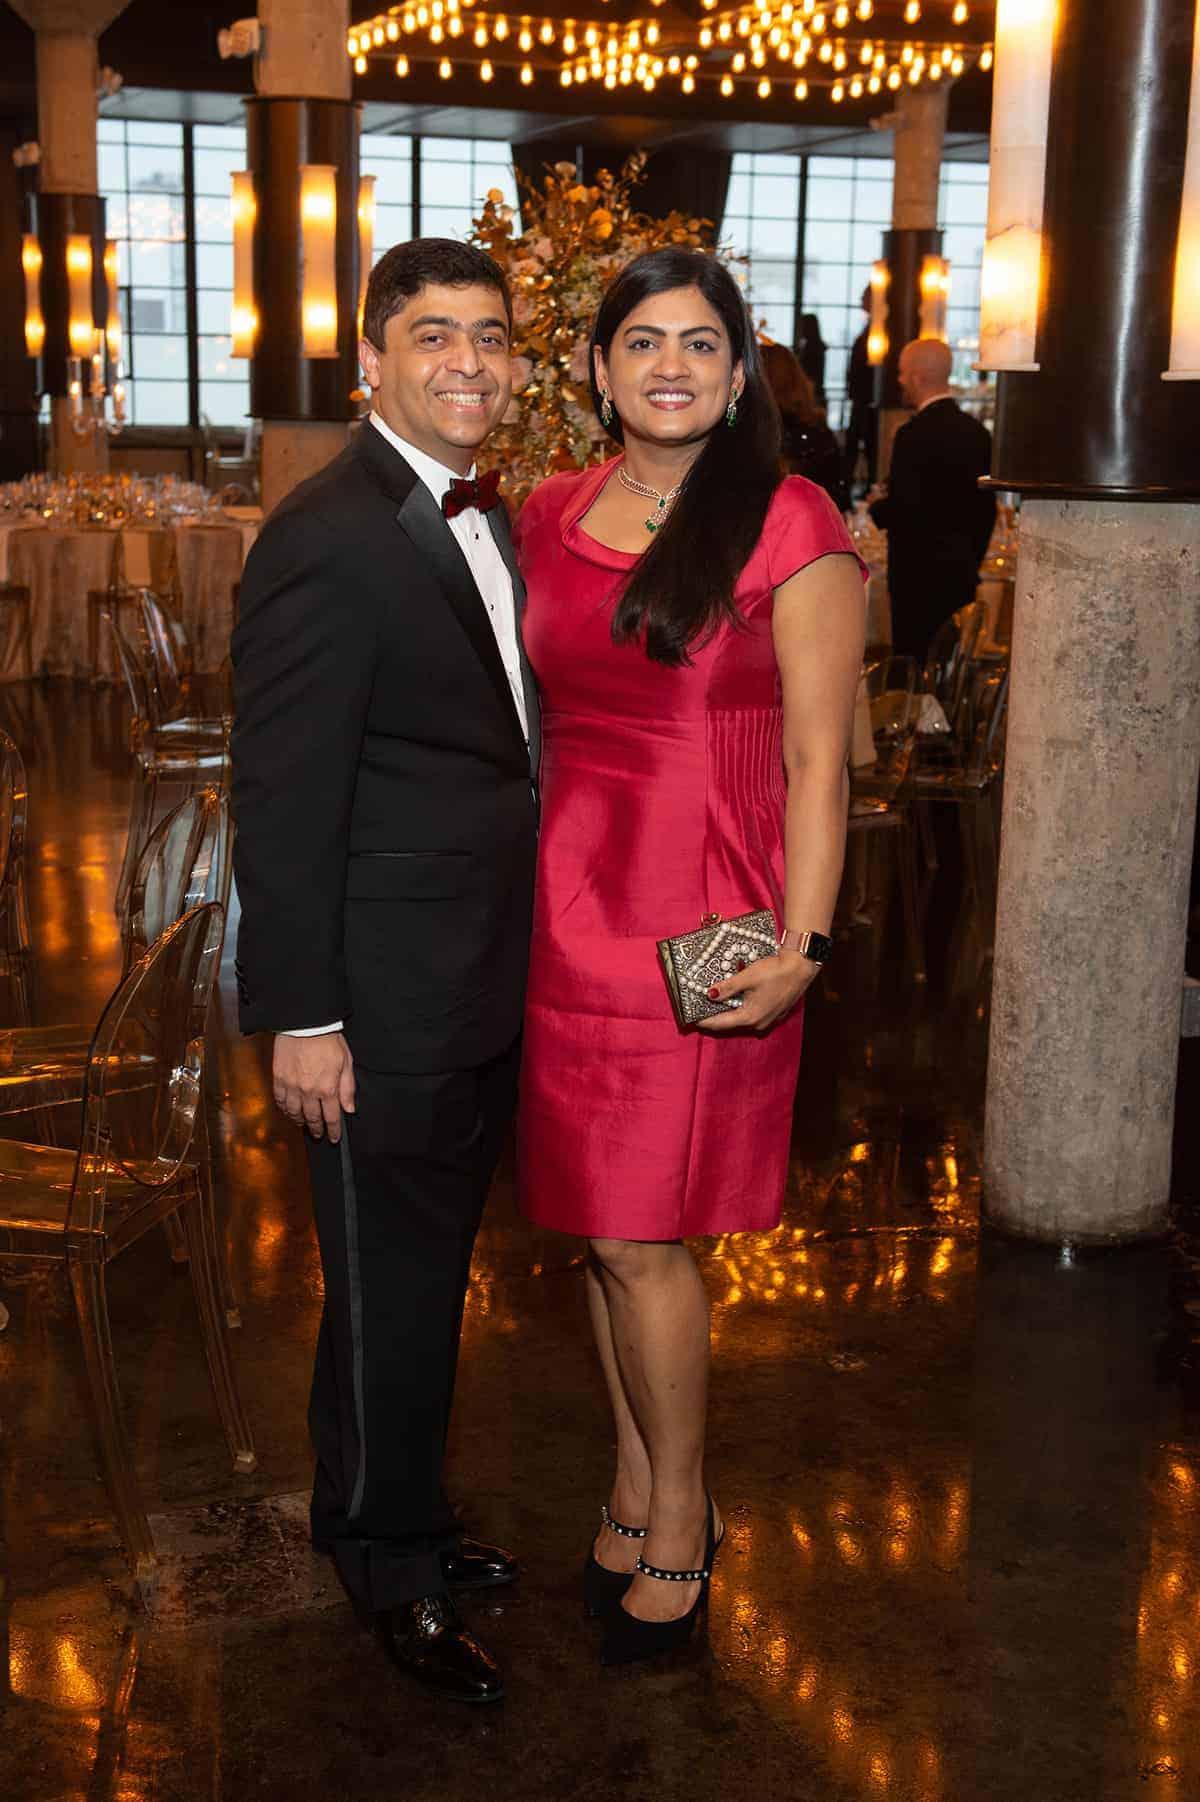 Dr. Vivek Subbiah and Dr. Ishwaria Subbiah